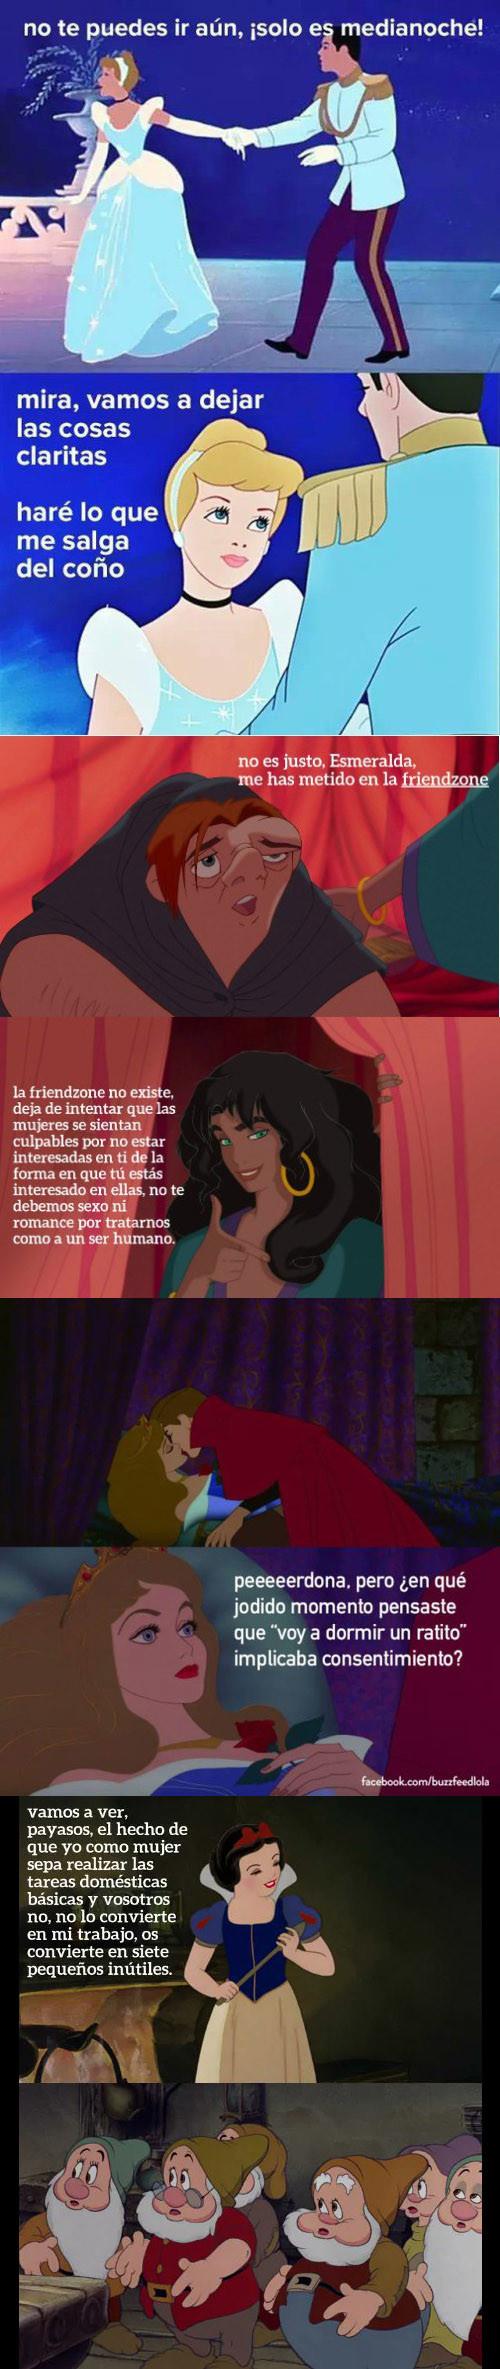 Meme_otros - Actualizando los clásicos de Disney